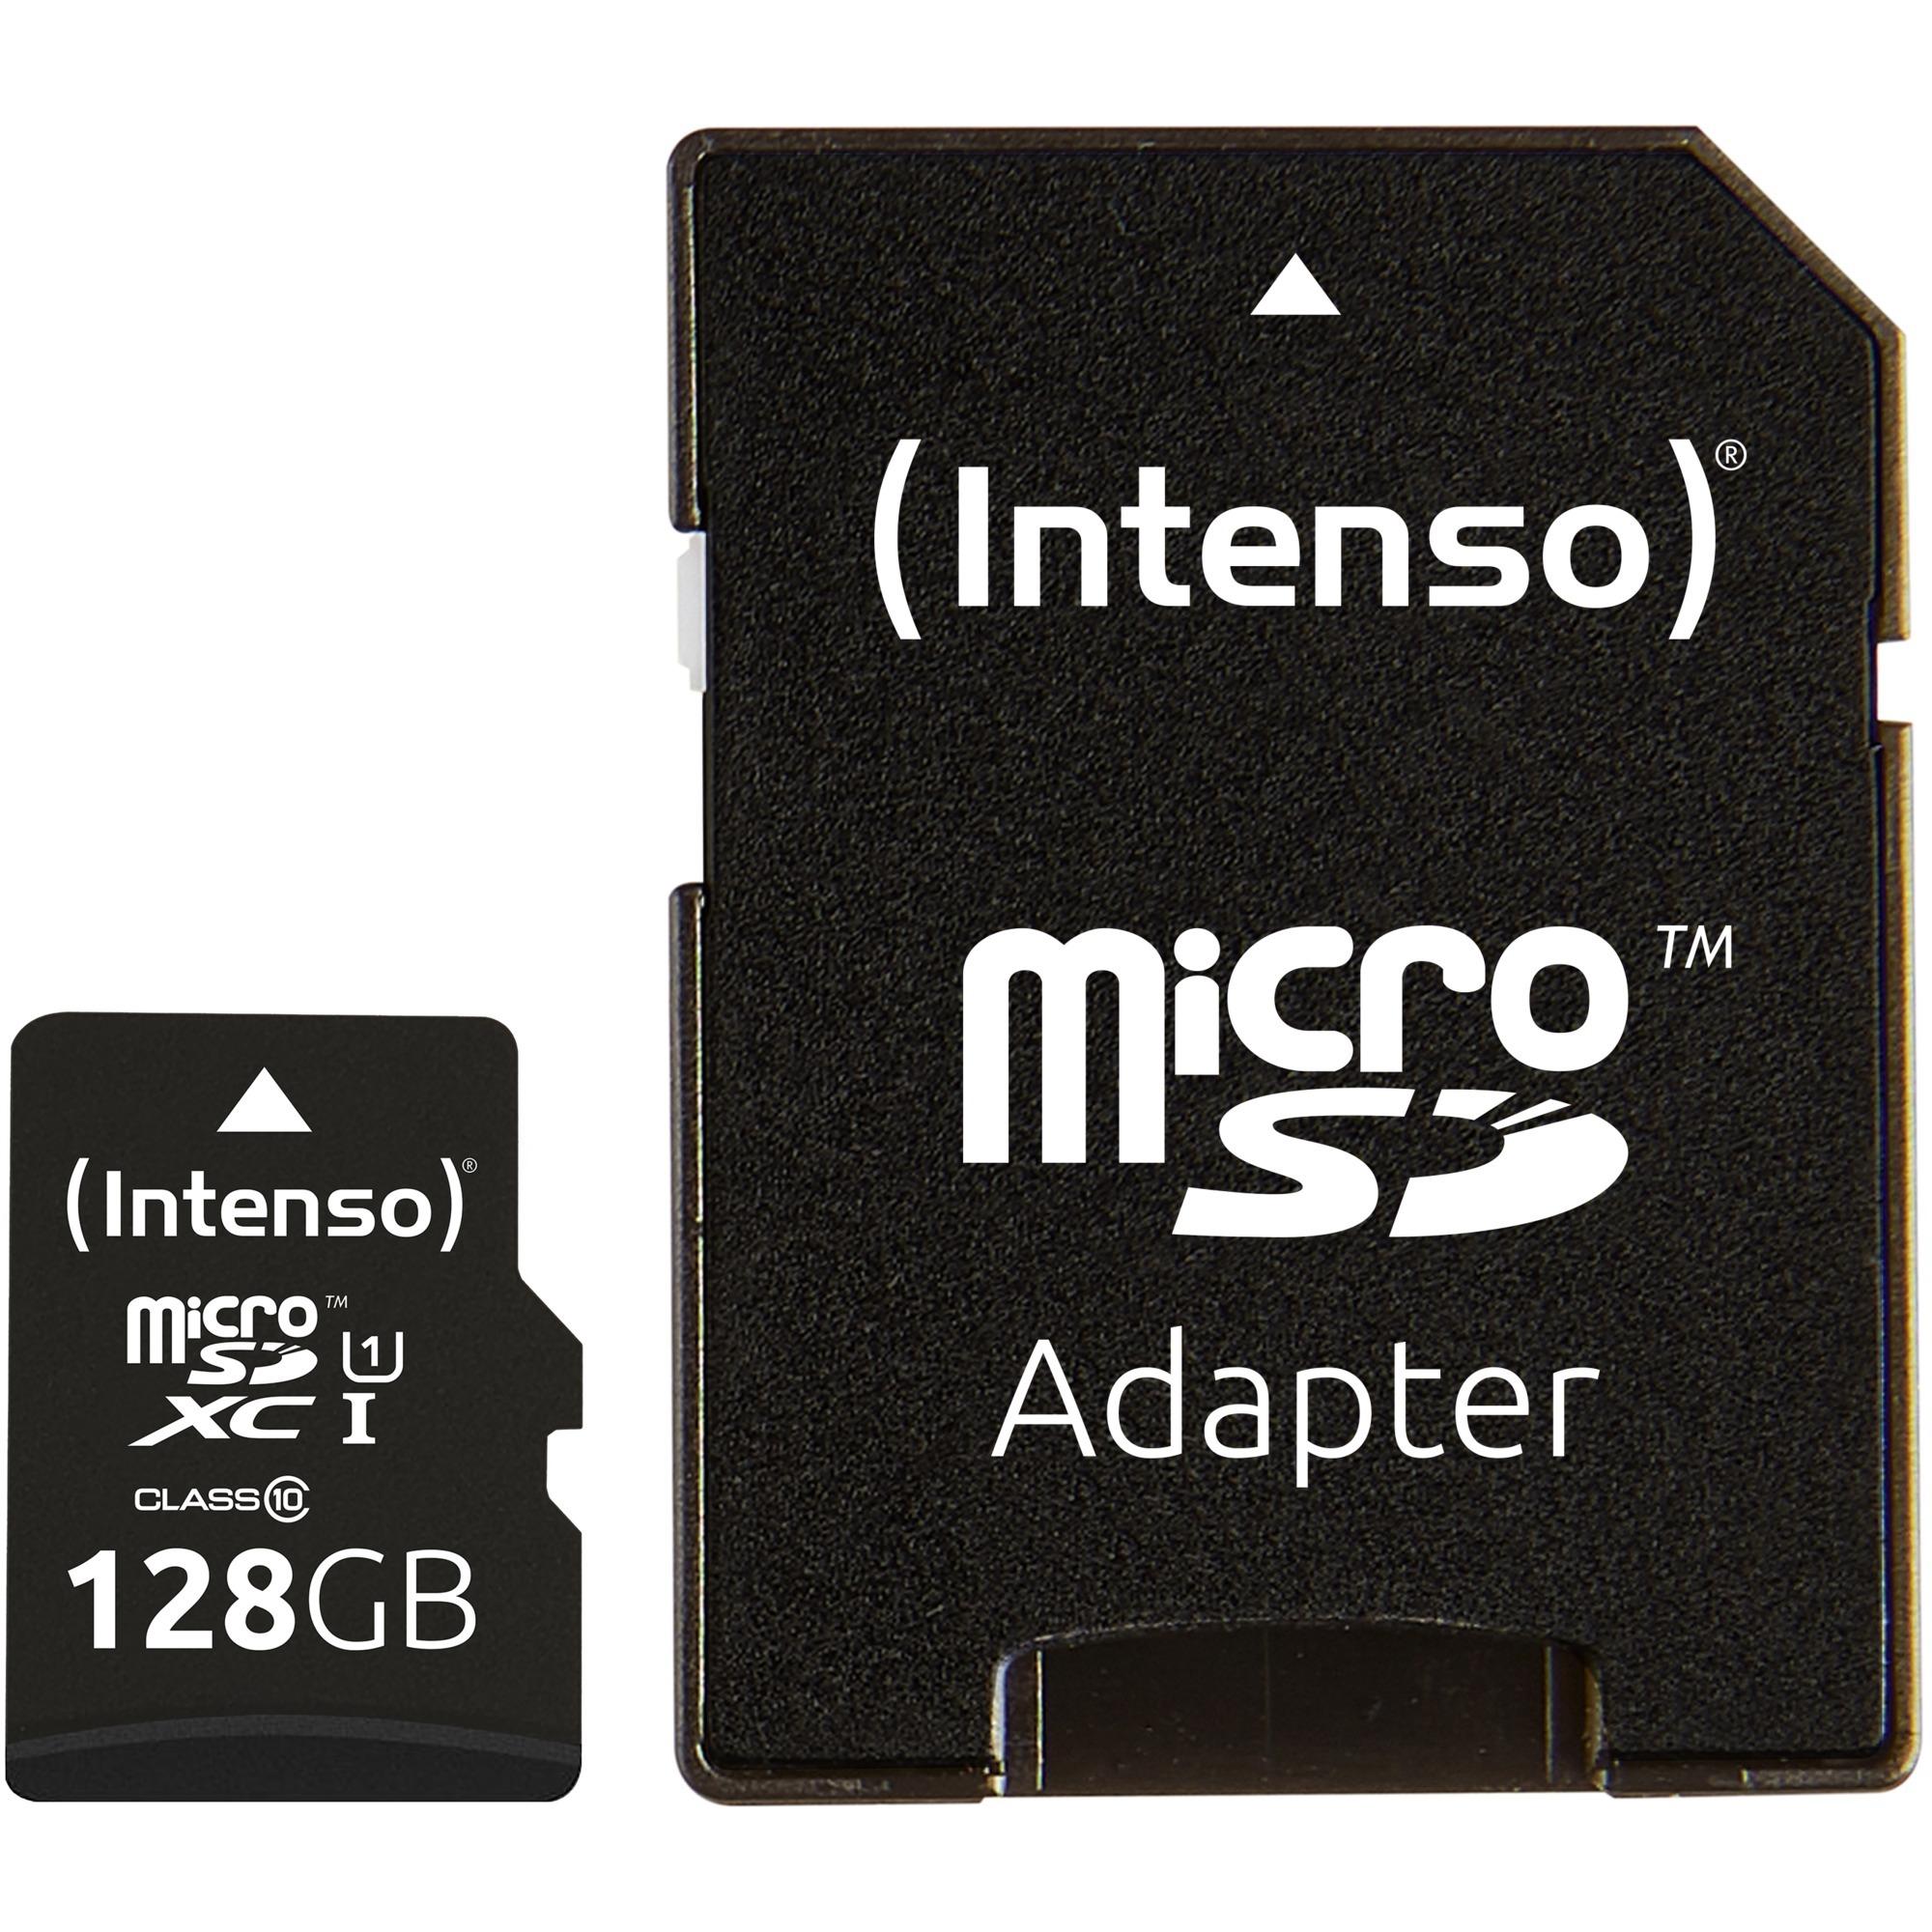 128GB microSDXC memoria flash Clase 10 UHS-I, Tarjeta de memoria